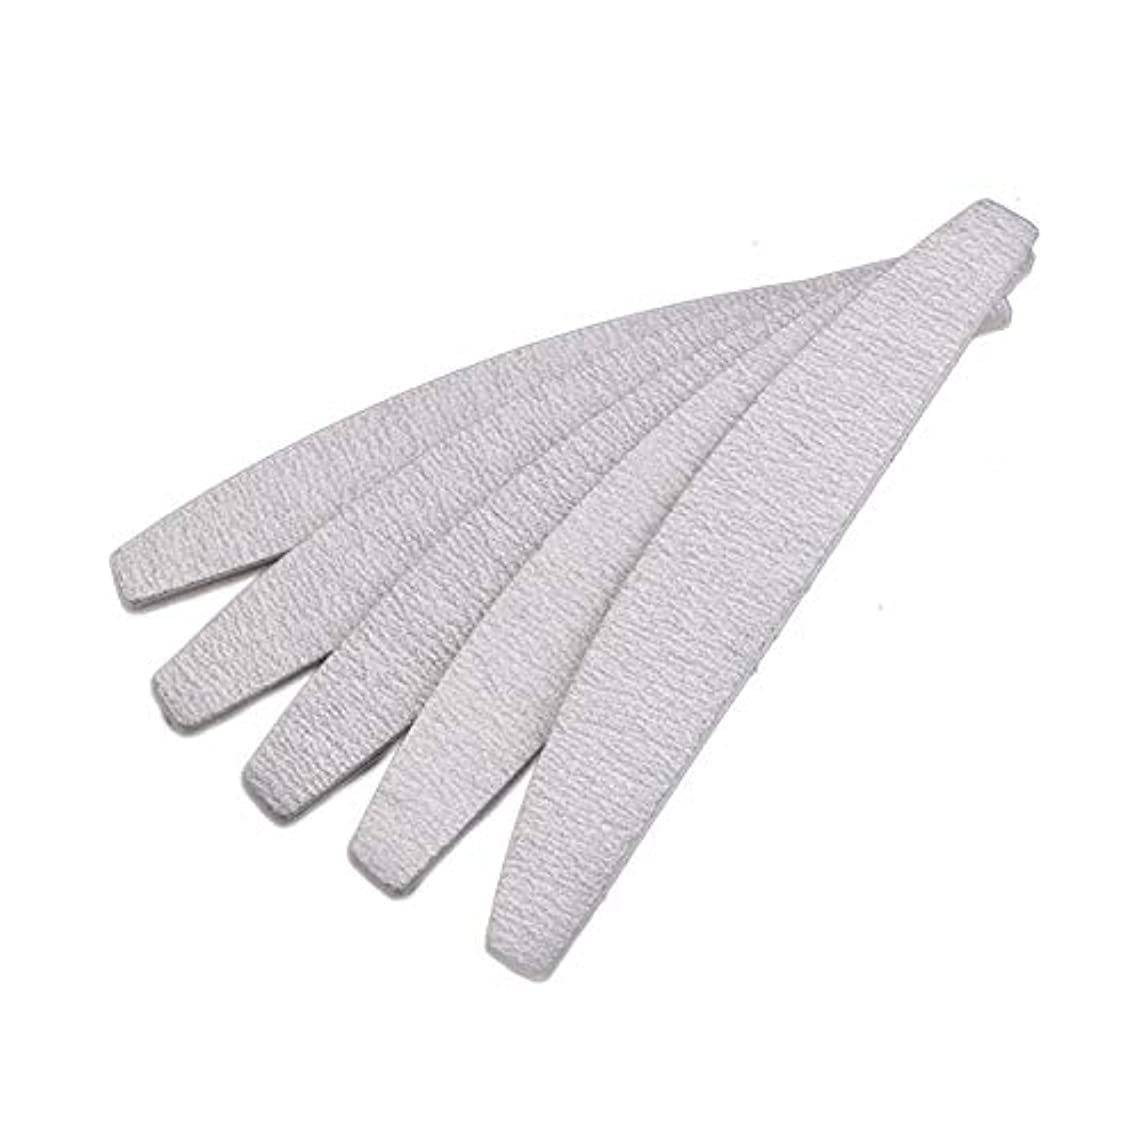 ハブ習慣透けるCUHAWUDBA 爪やすり ネイルファイル、D形、両面、灰白/オフホワイト、10個